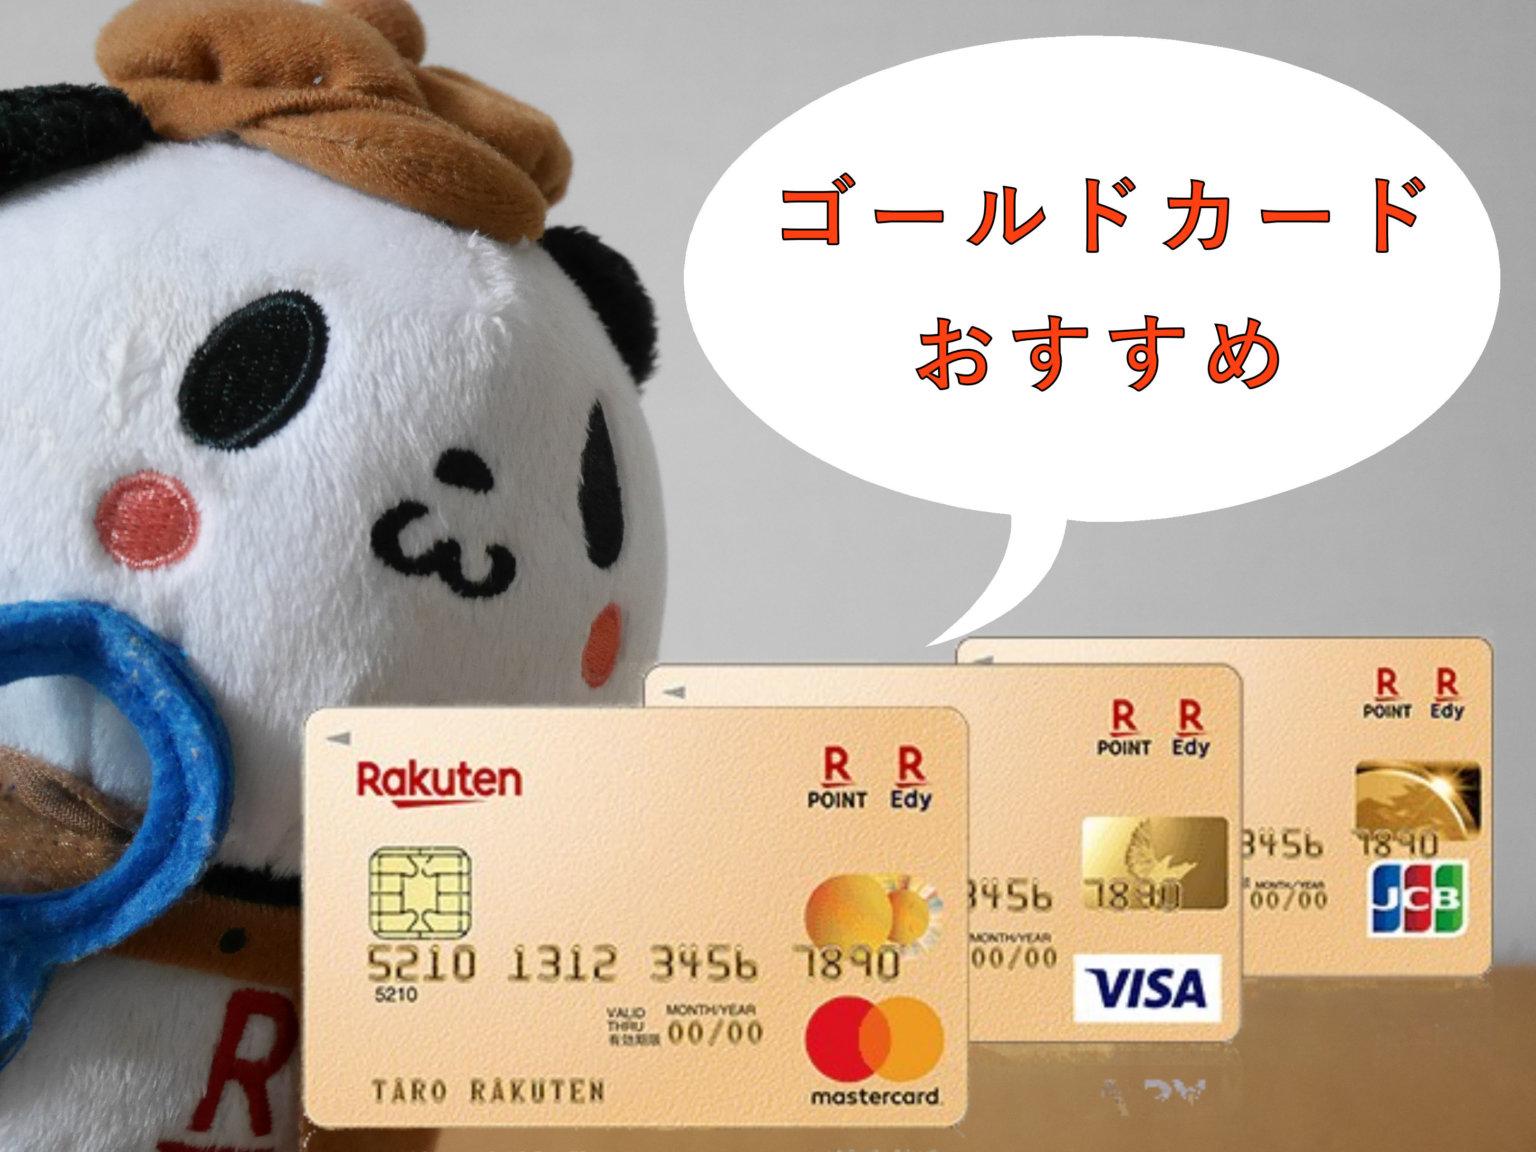 楽天市場で毎月1万円の使ってるなら楽天ゴールドカードがお得な理由